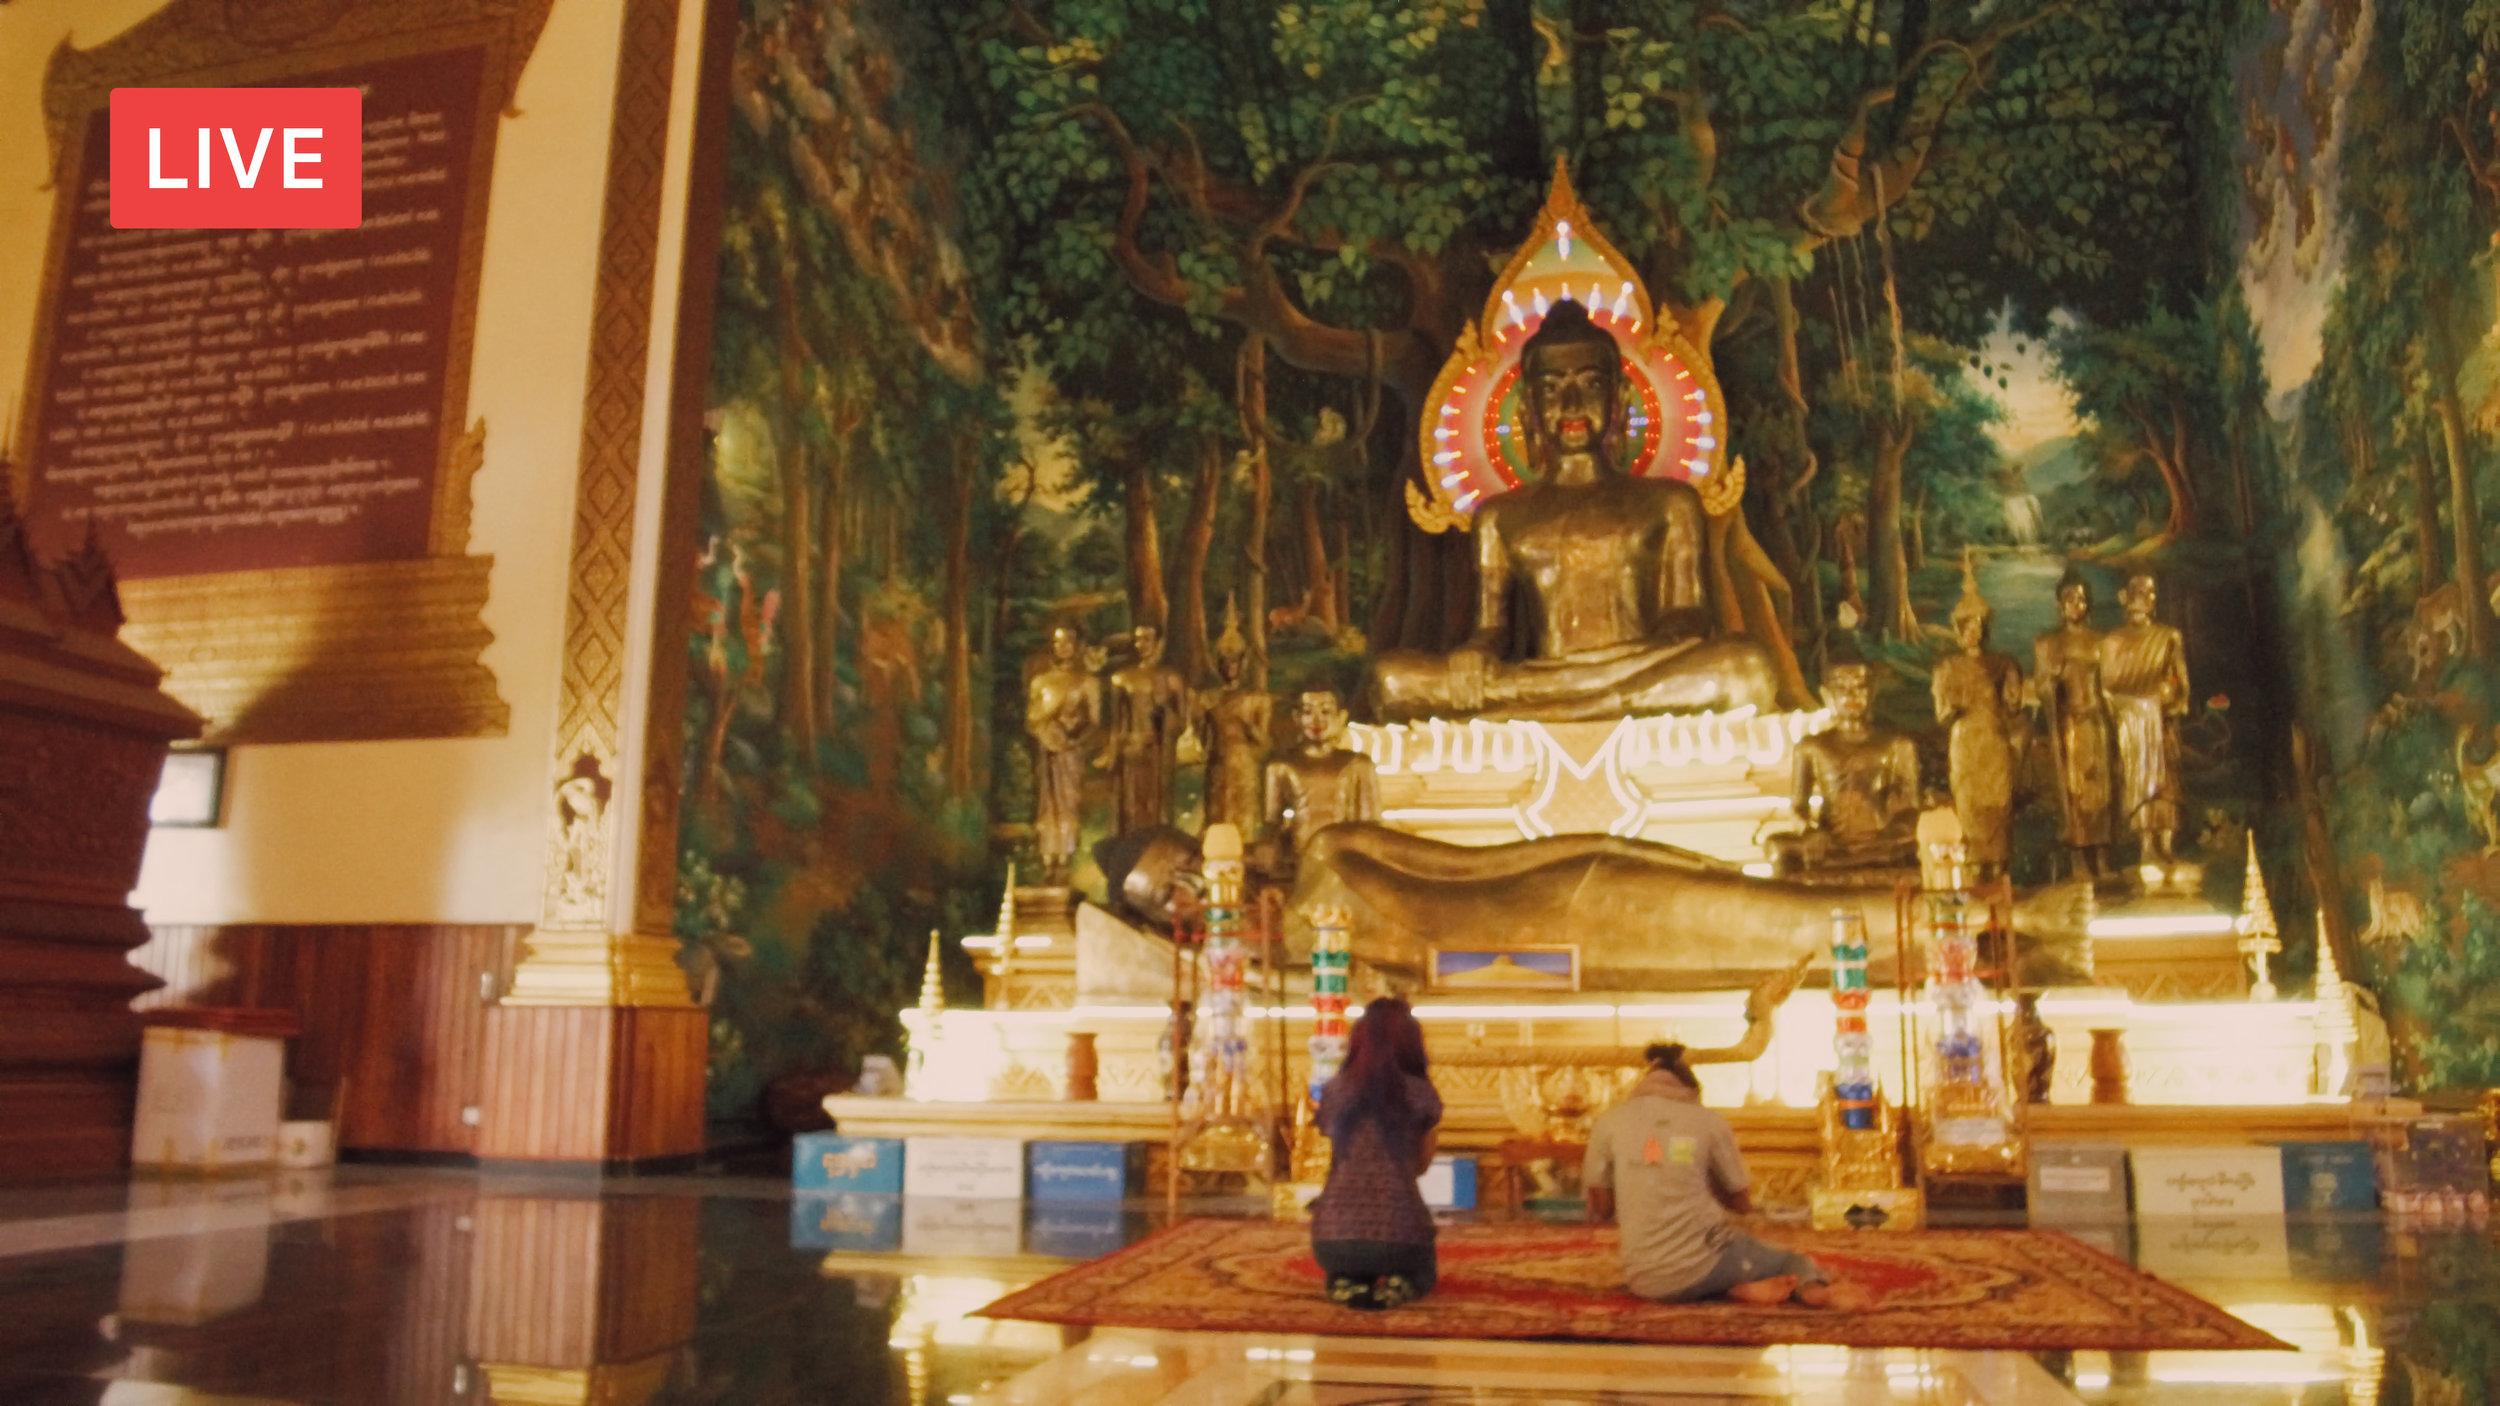 EPISODE 5 : PHNOM PENH, CAMBODIA